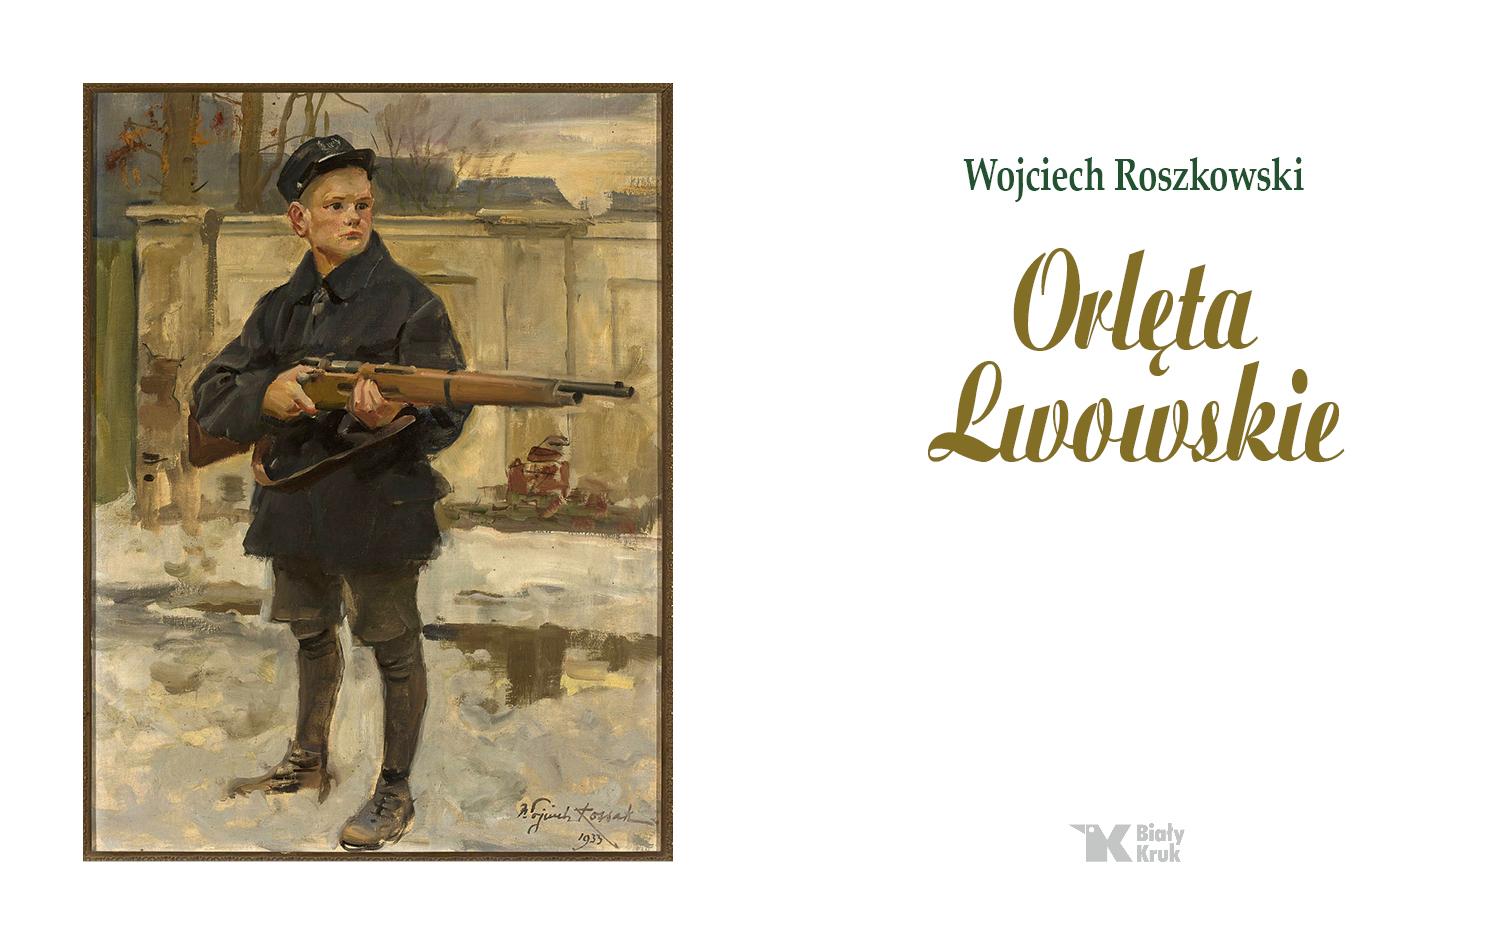 Orlęta Lwowskie. Książka prof. Wojciecha Roszkowskiego. Fragment książki.